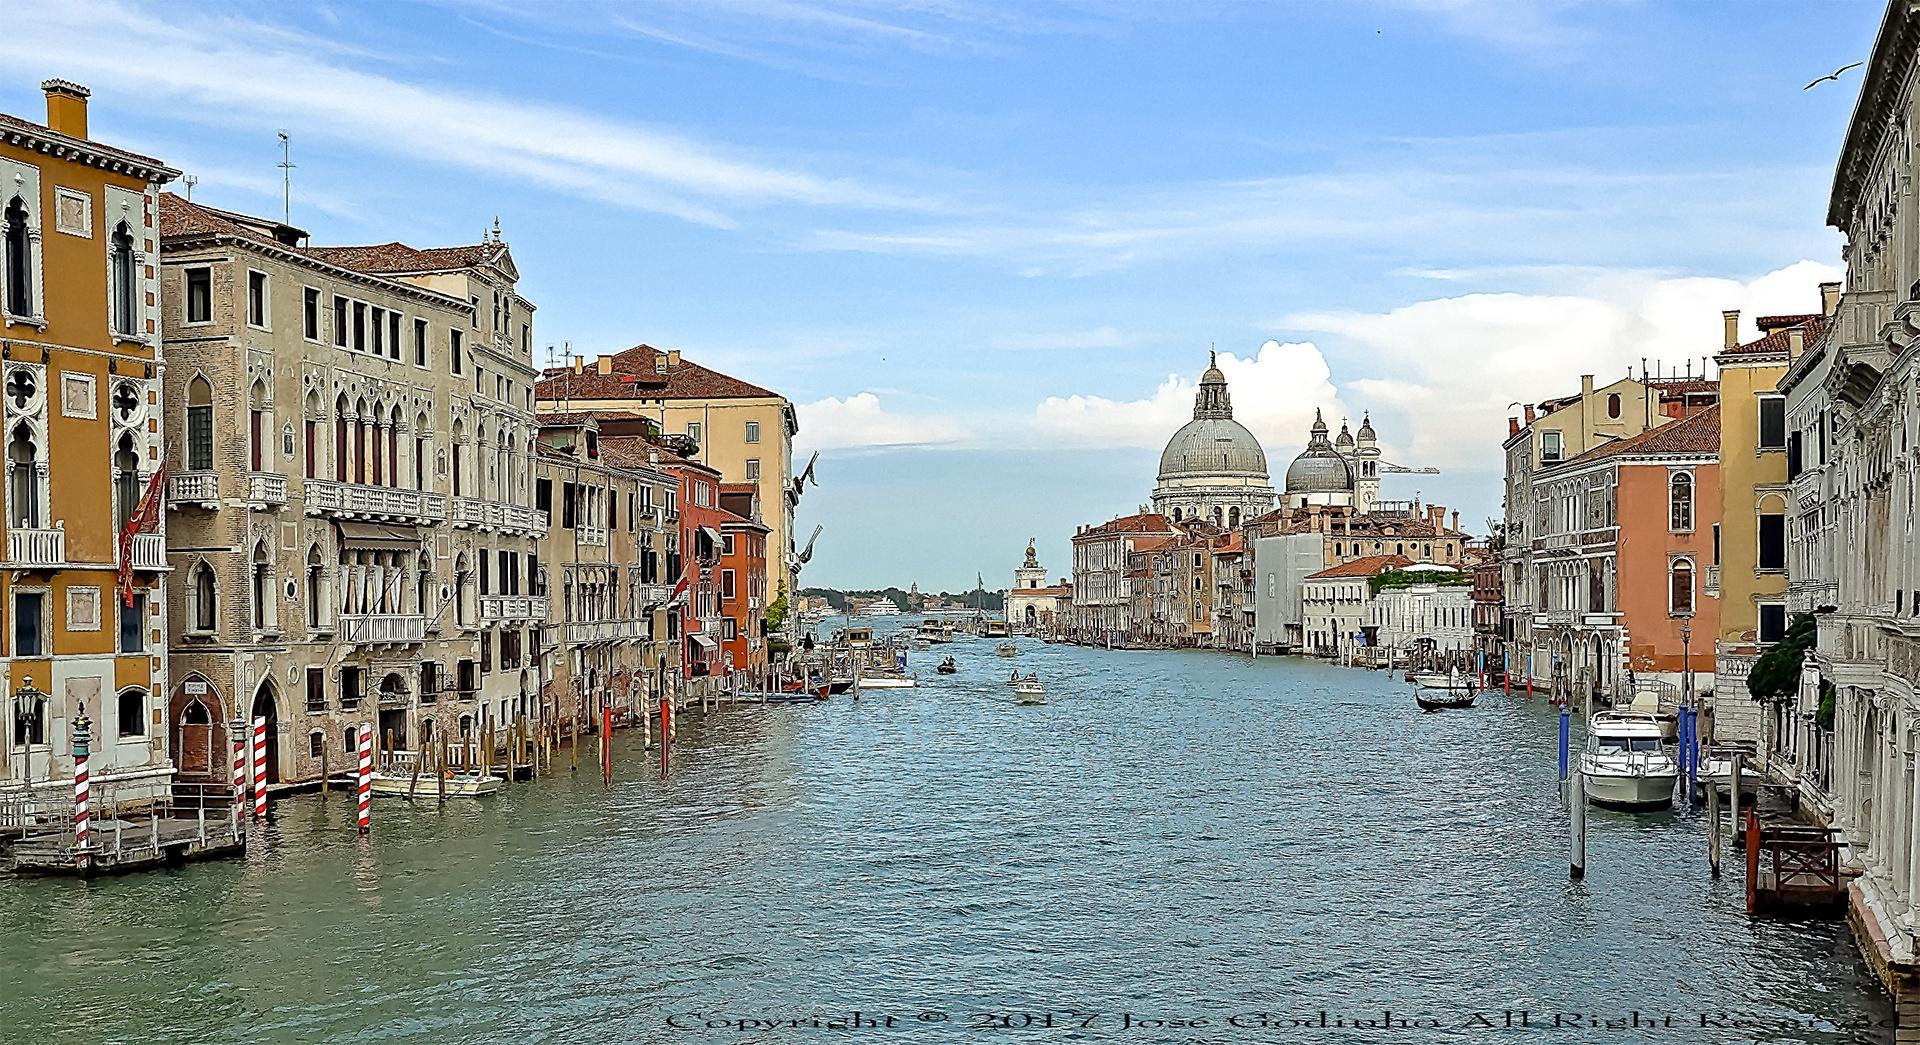 Paisagem Urbana/Veneza - Itália (Do meu livro)